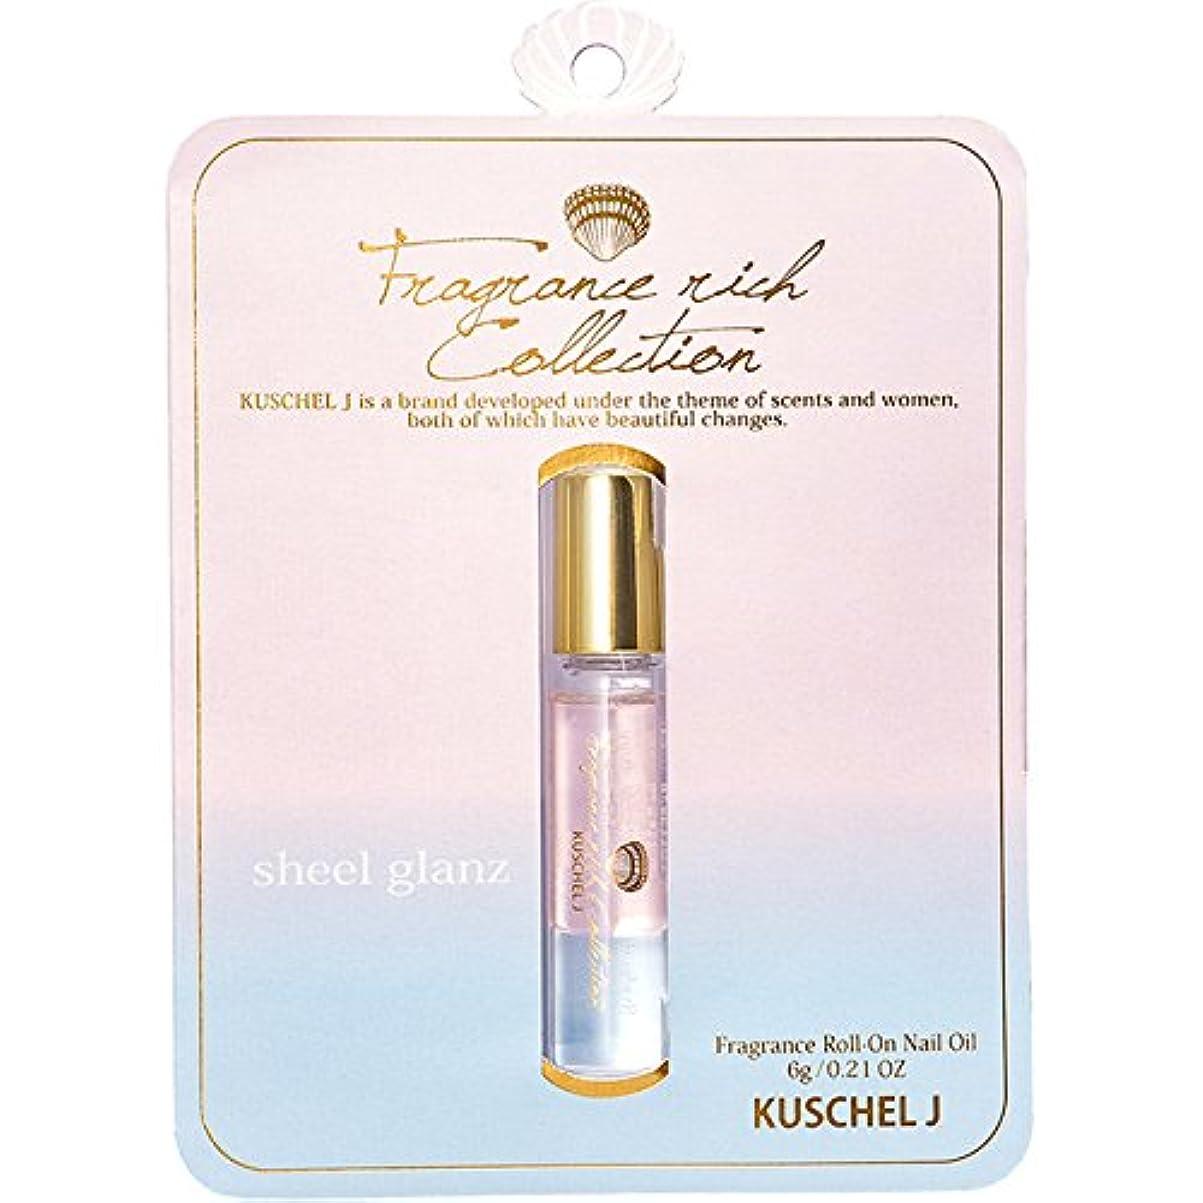 できないグラムスキッパーフレグランシー クシェルヨット(KUSCHEL J) ネイルオイル シェルグラン 6g